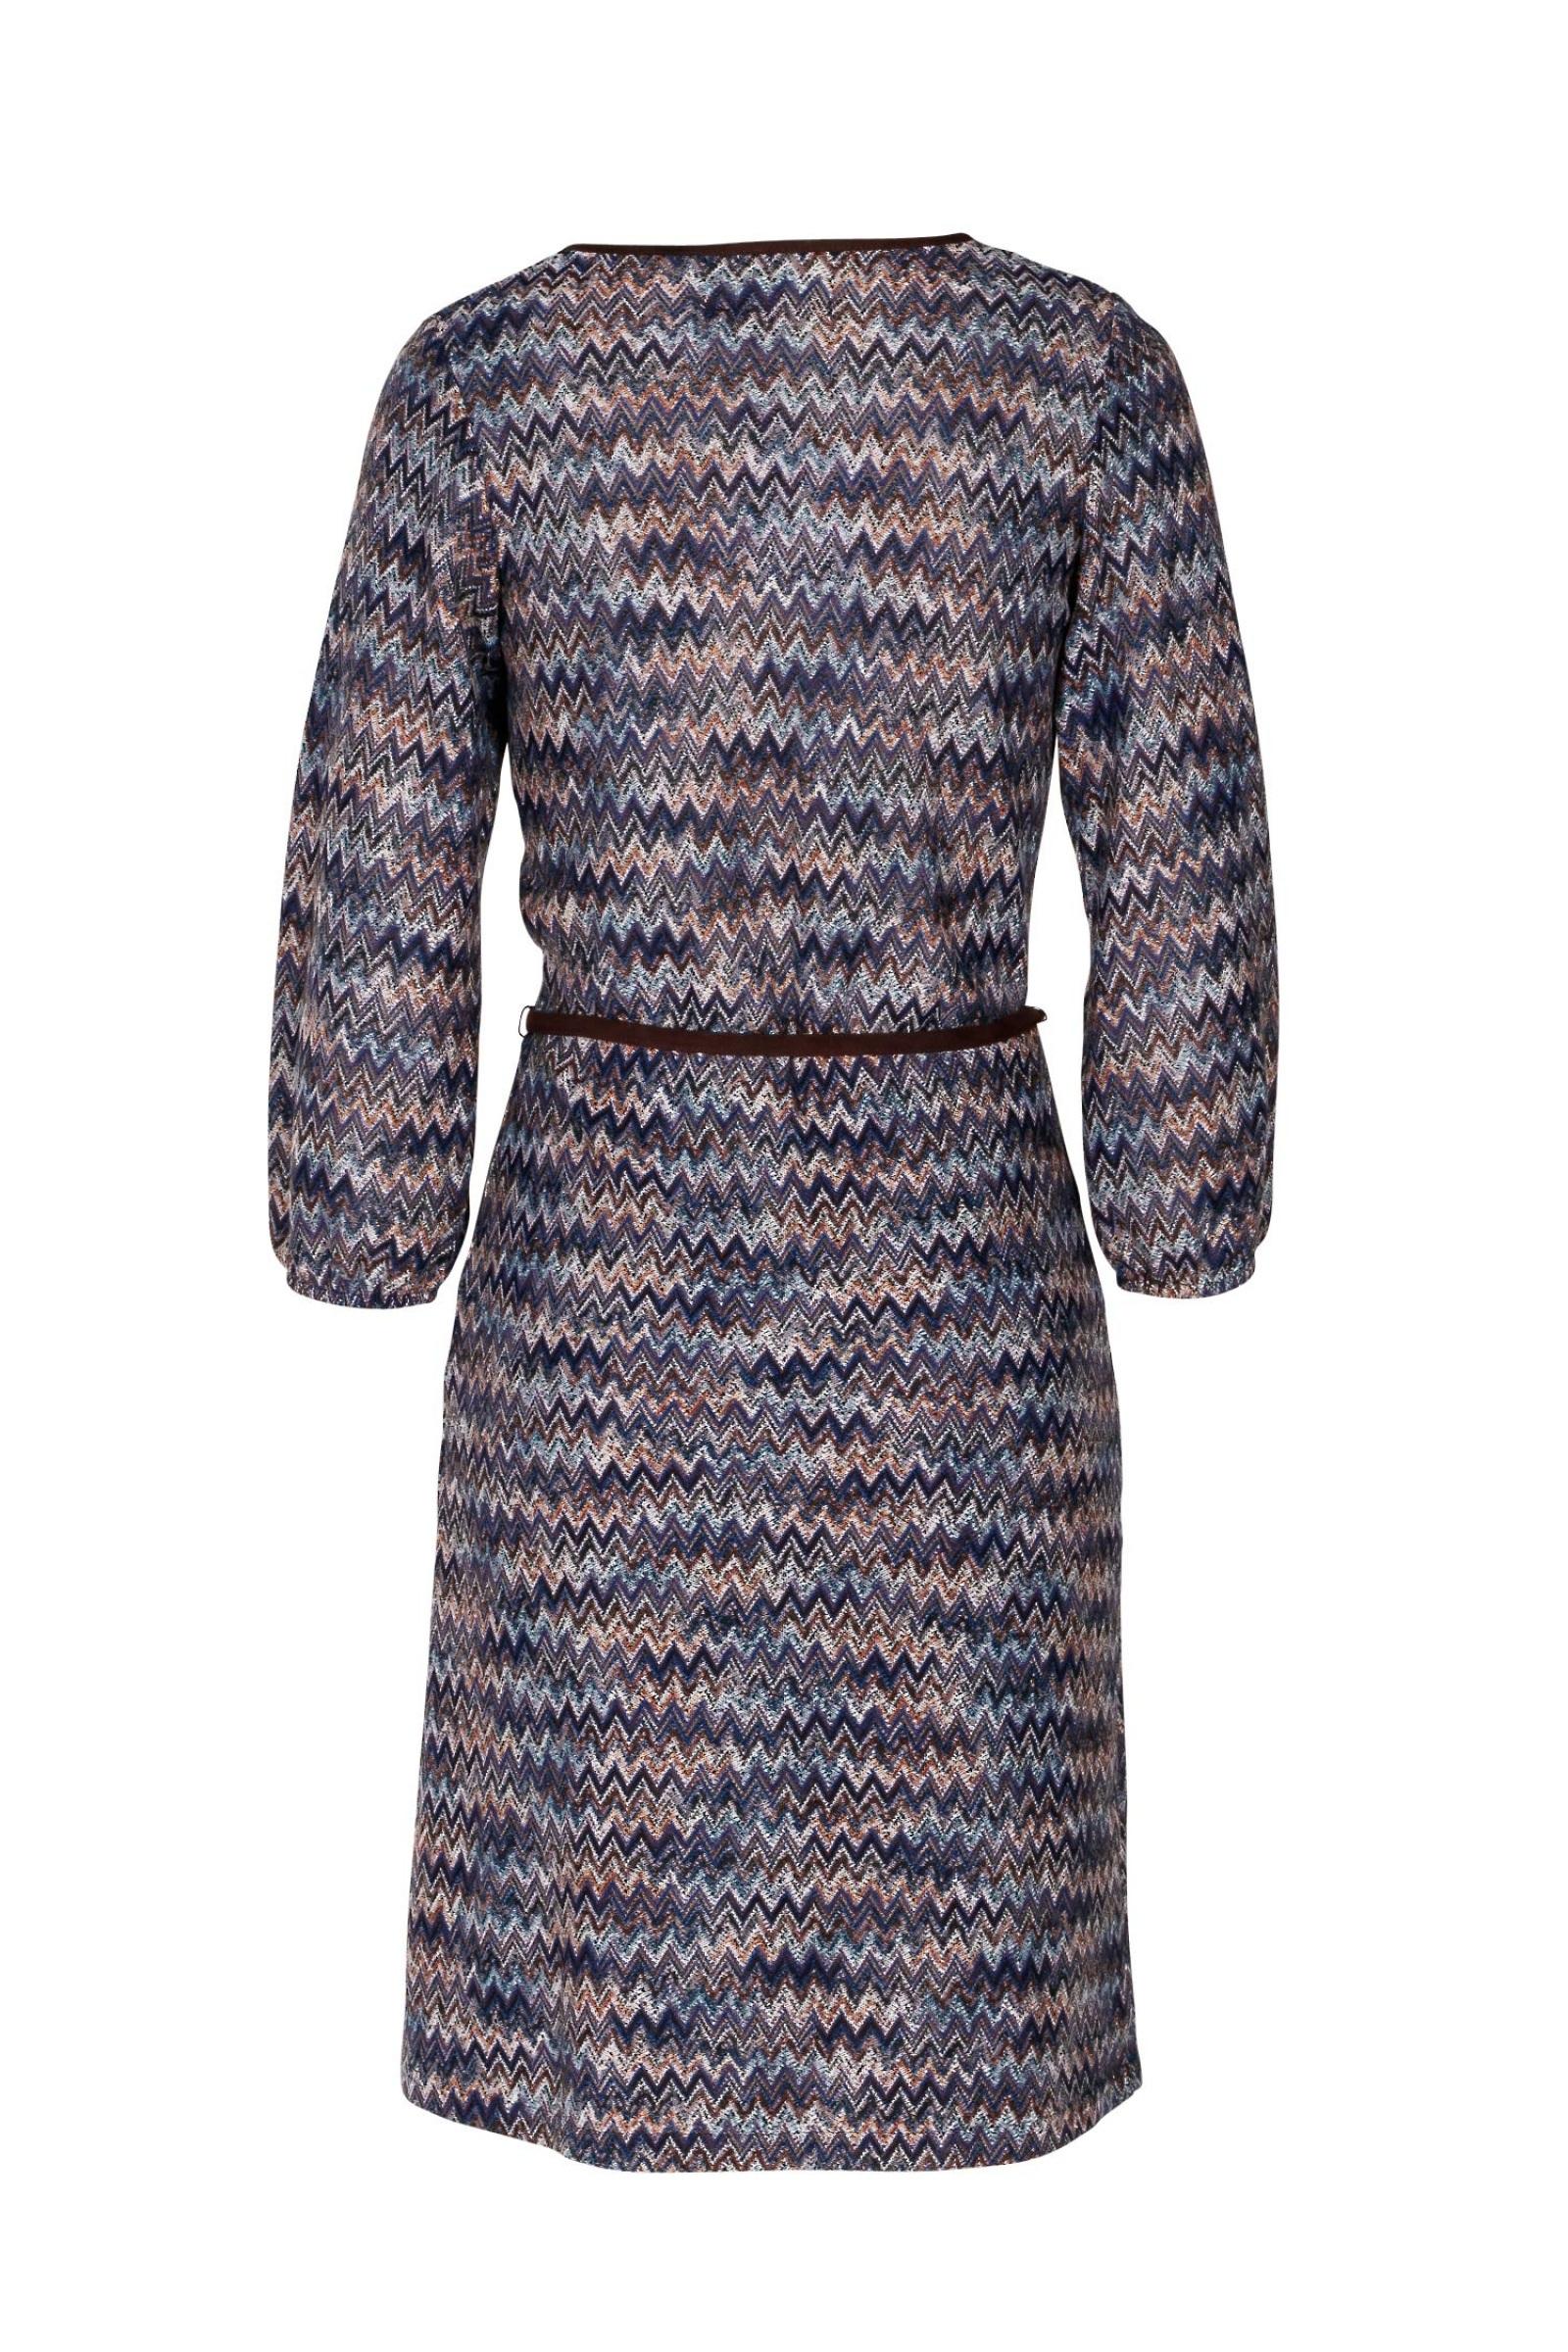 pernilla-wahlgren-liboria-wrap-dress